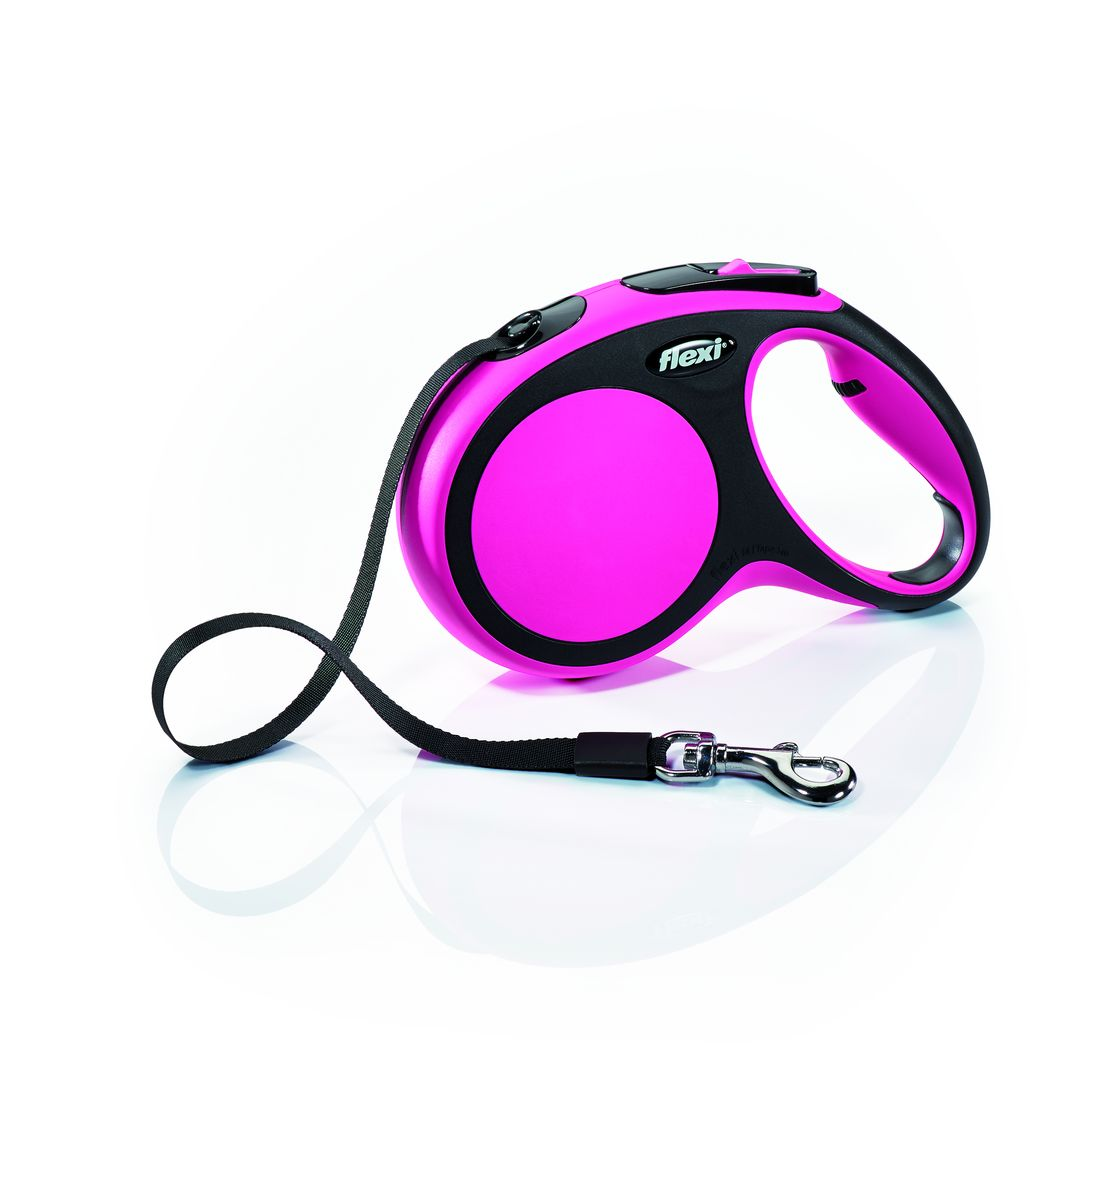 Поводок-рулетка Flexi New Comfort М, лента, для собак весом до 25 кг, цвет: черный, розовый, 5 м0120710Ленточный поводок-рулетка обеспечивает собаке свободу движения, что идет на пользу здоровью и радует вашего четвероногого друга. Рулетка очень проста в использовании. Оснащена кнопками кратковременной и постоянной фиксации. Рулетку можно оснастить - мультибоксом для лакомств или пакетиков для сбора фекалий, LED подсветкой корпуса.Прочный корпус, хромированная застежка и светоотражающие элементы.Лента поводка автоматически сматывается и поводок в процессе использования не провисает, не касается грунта и таким образом не пачкается и не перетирается. Поводок не нужно подбирать руками когда питомец подошел ближе, таким образом ваши руки всегда чистые.На рукоятке имеется колесико позволяющее адаптировать размер рукоятки под размер рукиМаксимальный вес питомца: 25 кг.Длина: 5 м.